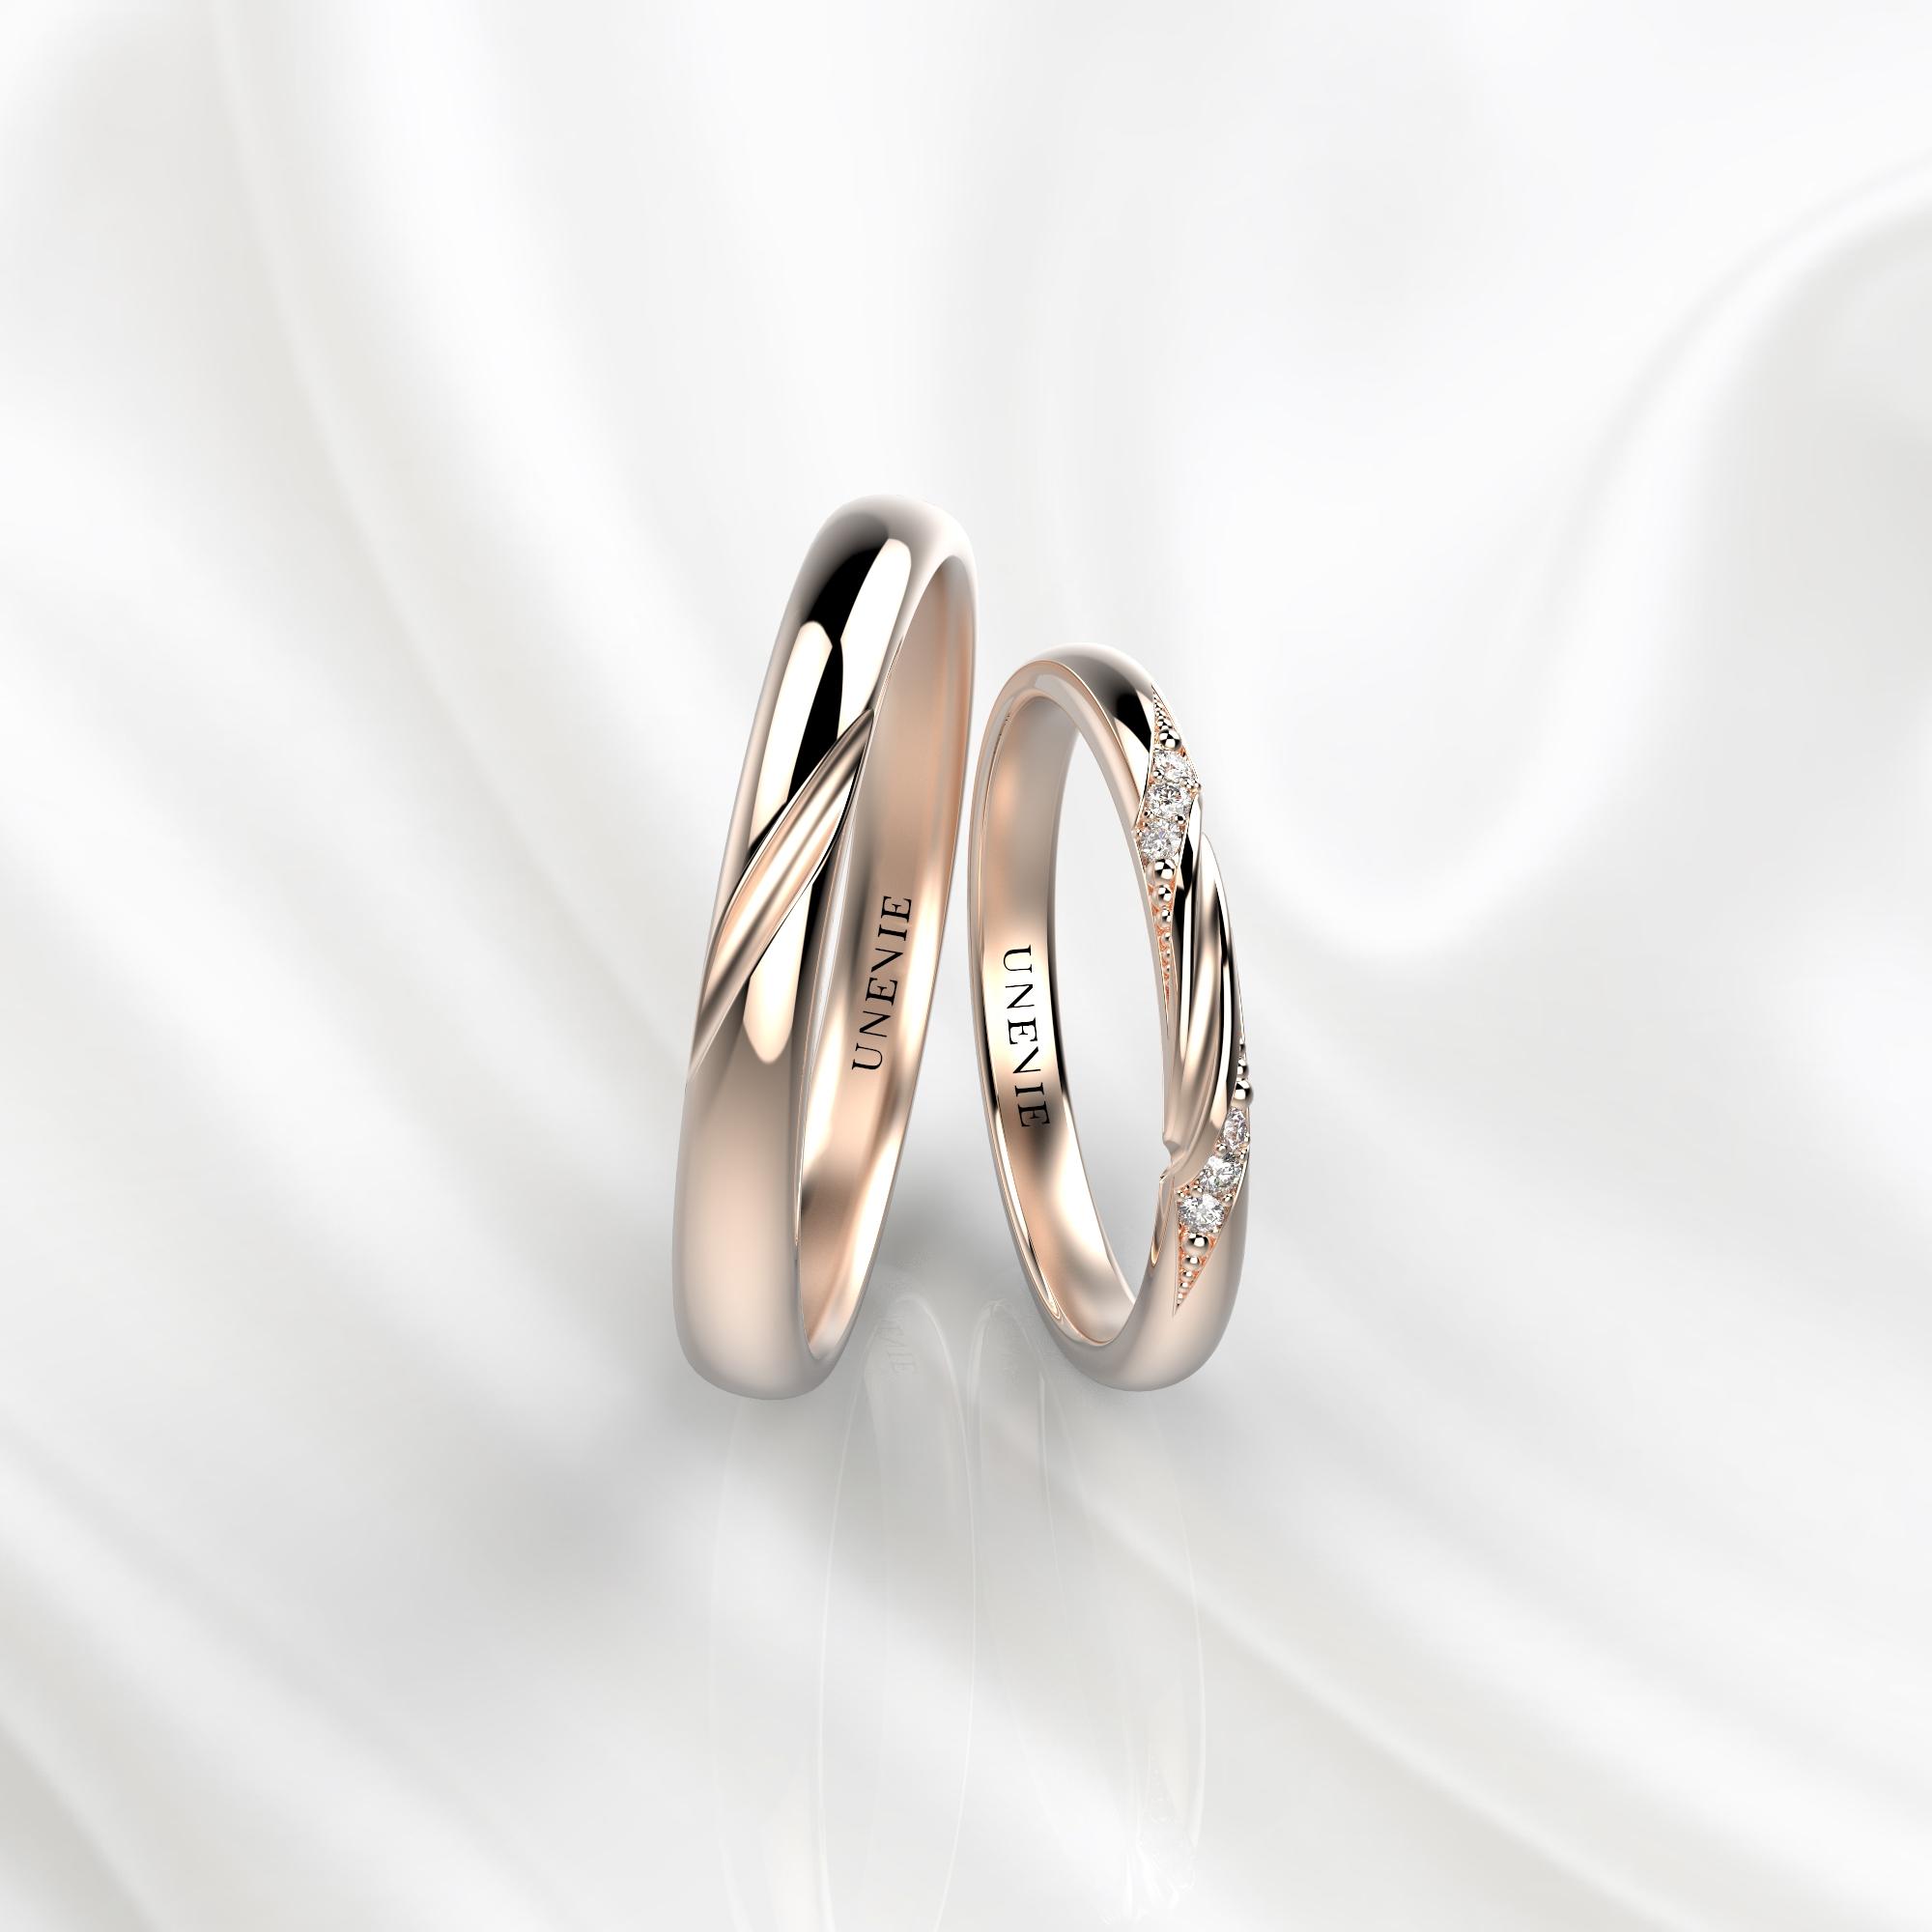 NV47 Парные обручальные кольца из розового золота с бриллиантами